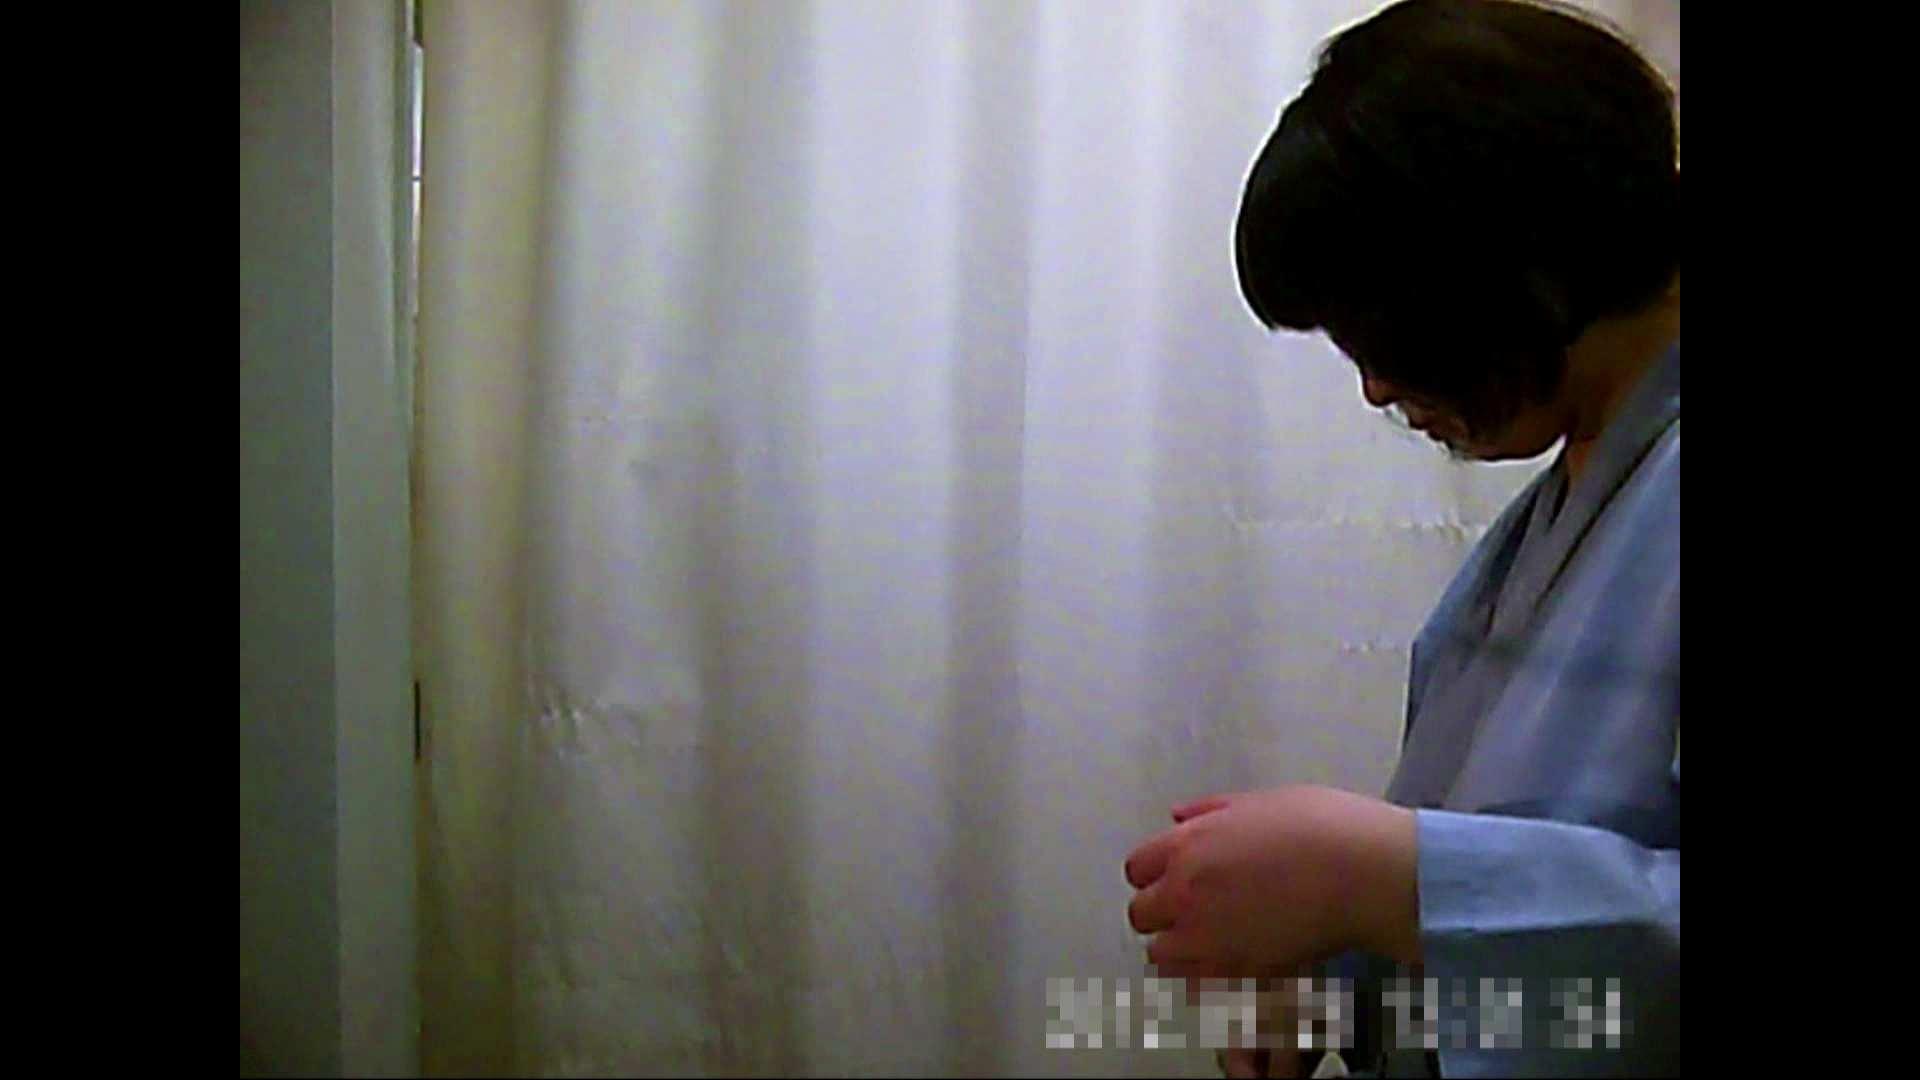 元医者による反抗 更衣室地獄絵巻 vol.072 OLハメ撮り  68Pix 55